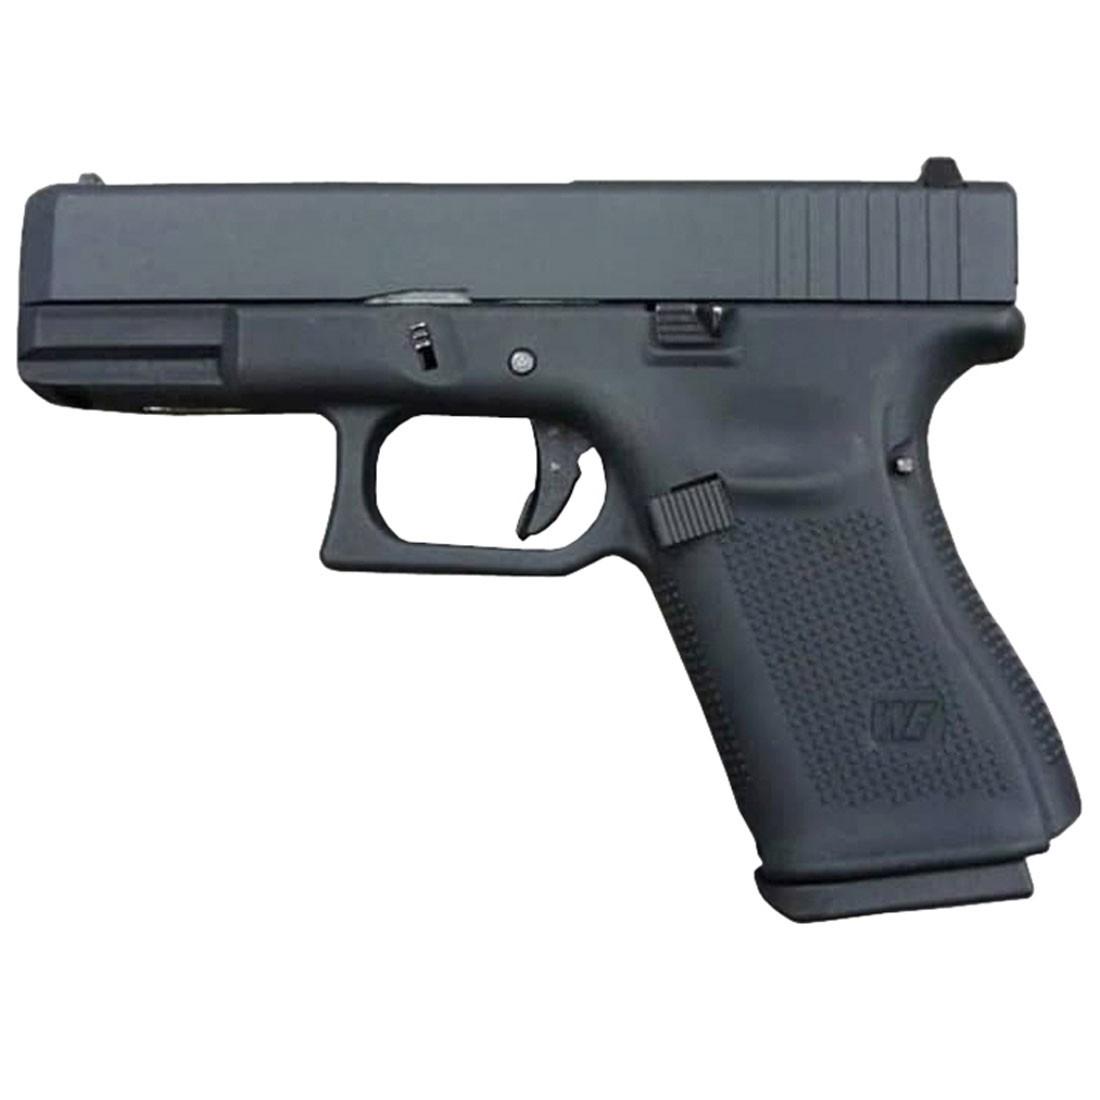 WE EU G19 Gen 5 GBB Airsoft Pistol (Black)